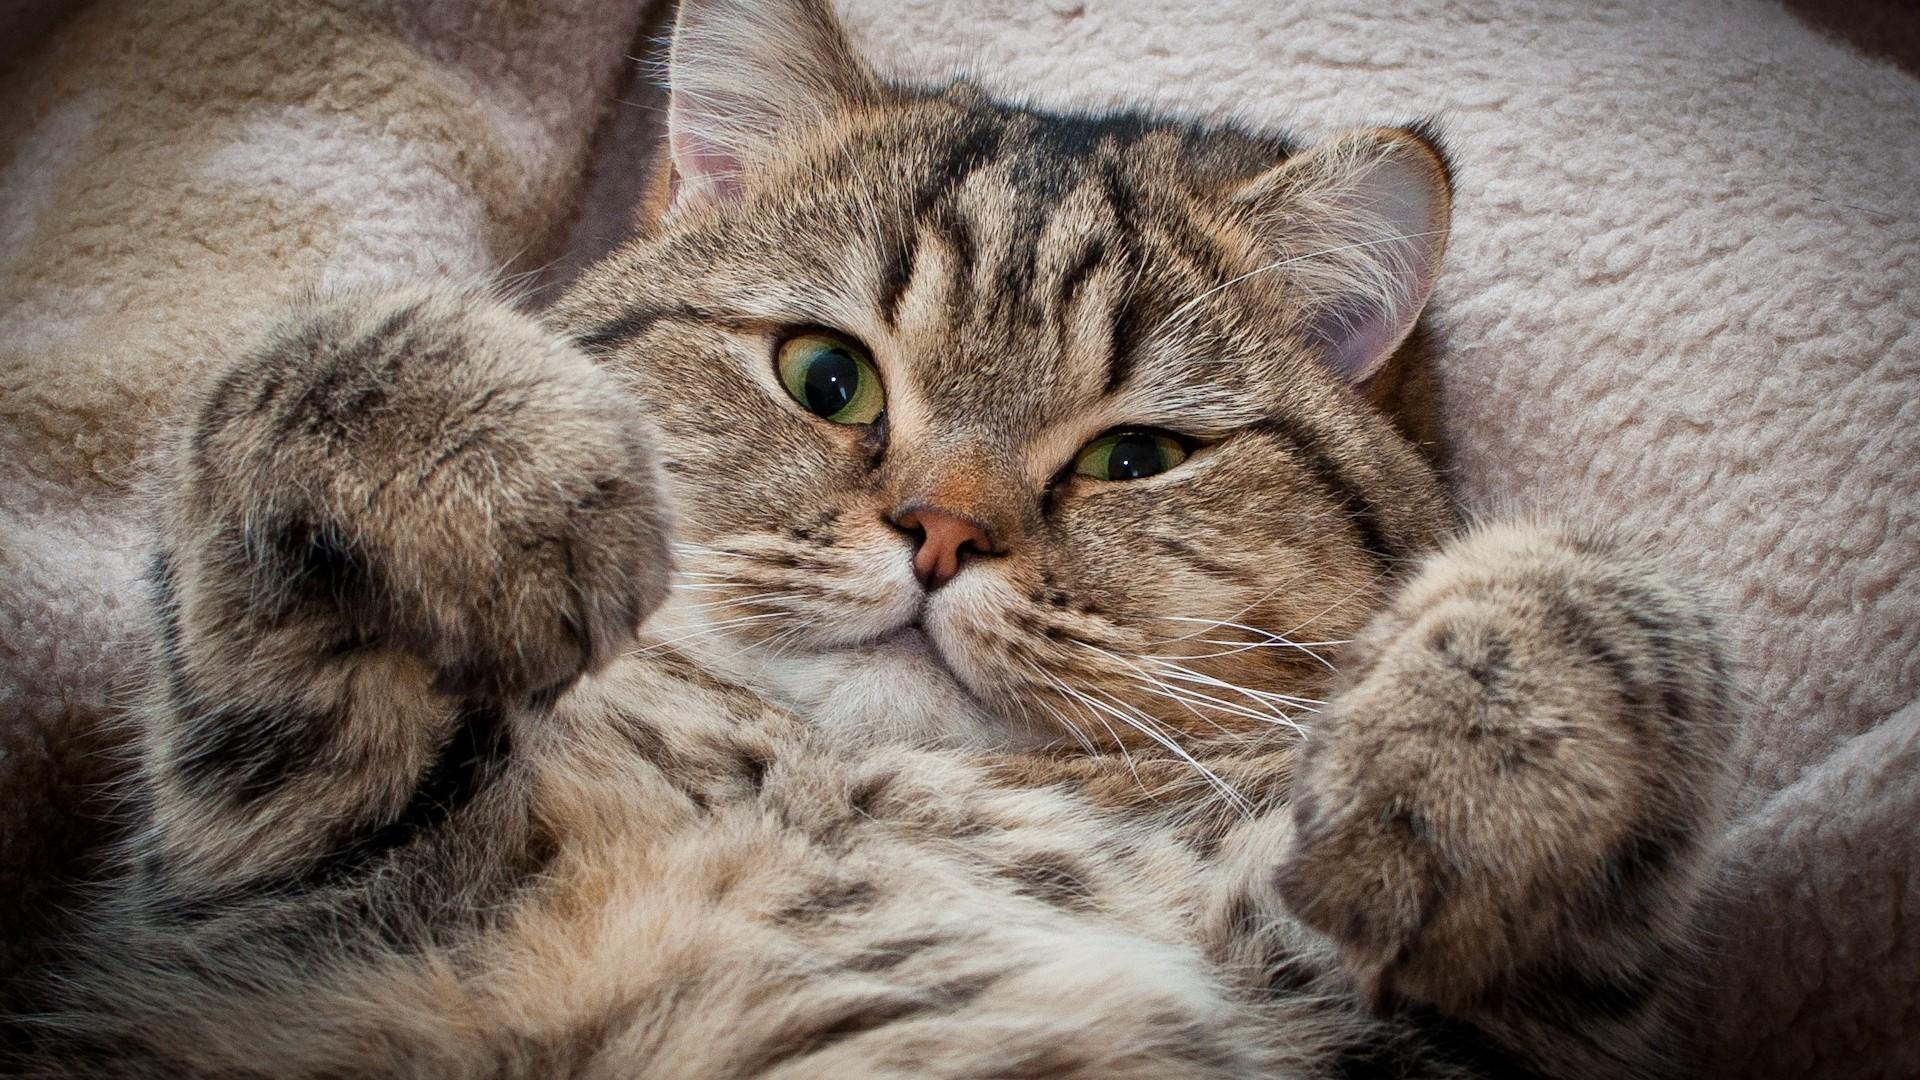 Cat Wallpaper Free Downloads #10508 Wallpaper   Cool Walldiskpaper.com